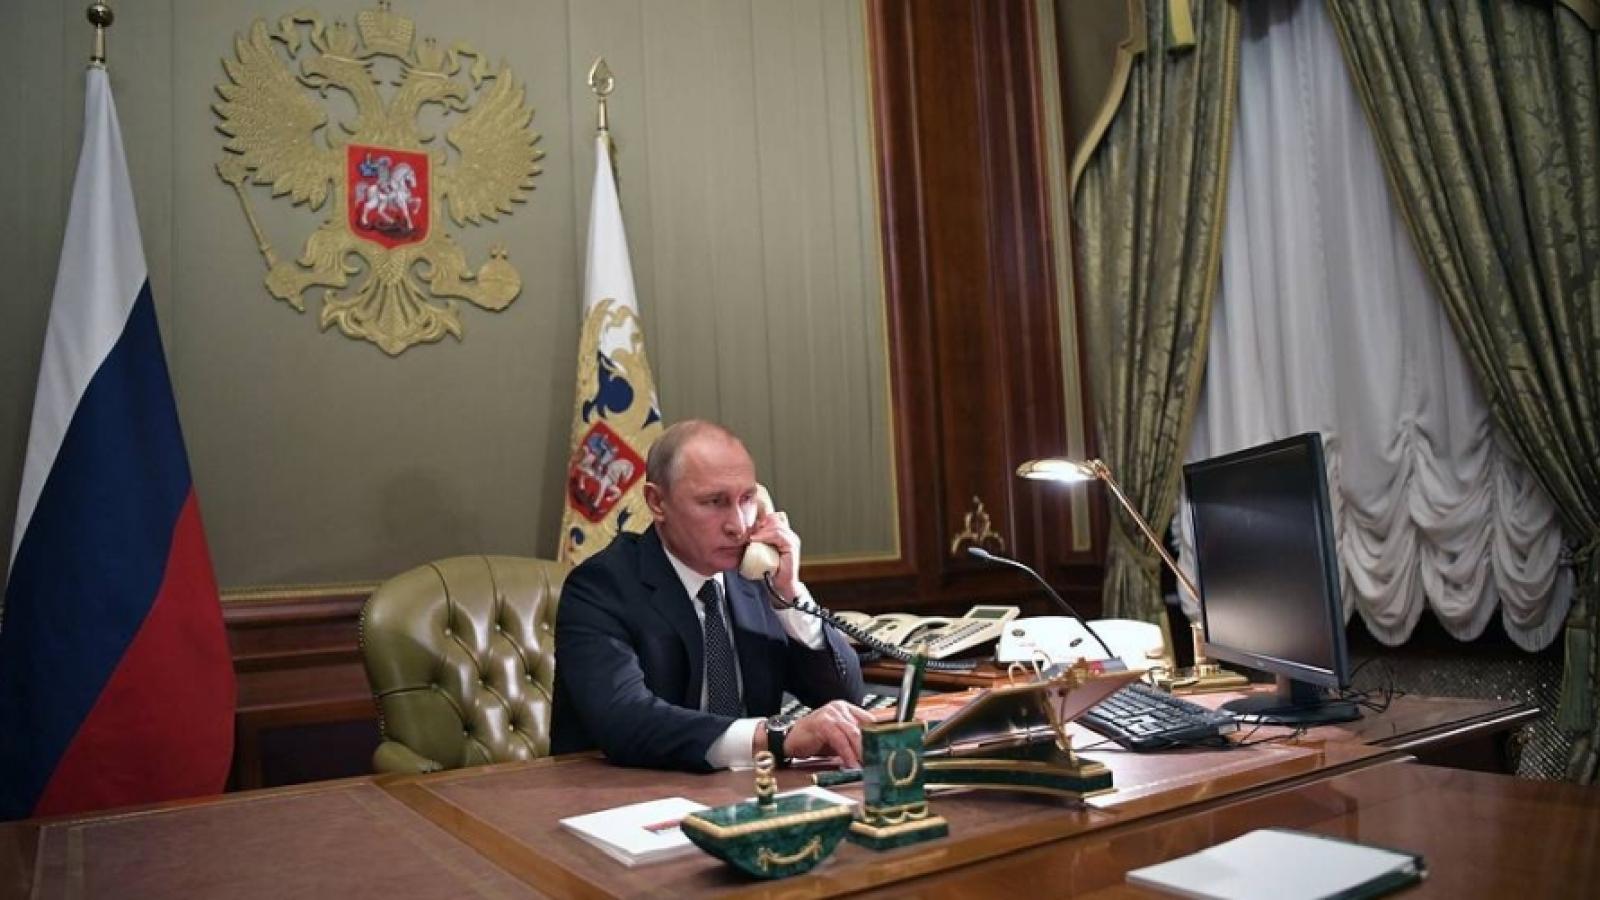 Lãnh đạo Nga-Đức điện đàm về một loạt vấn đề quan trọng